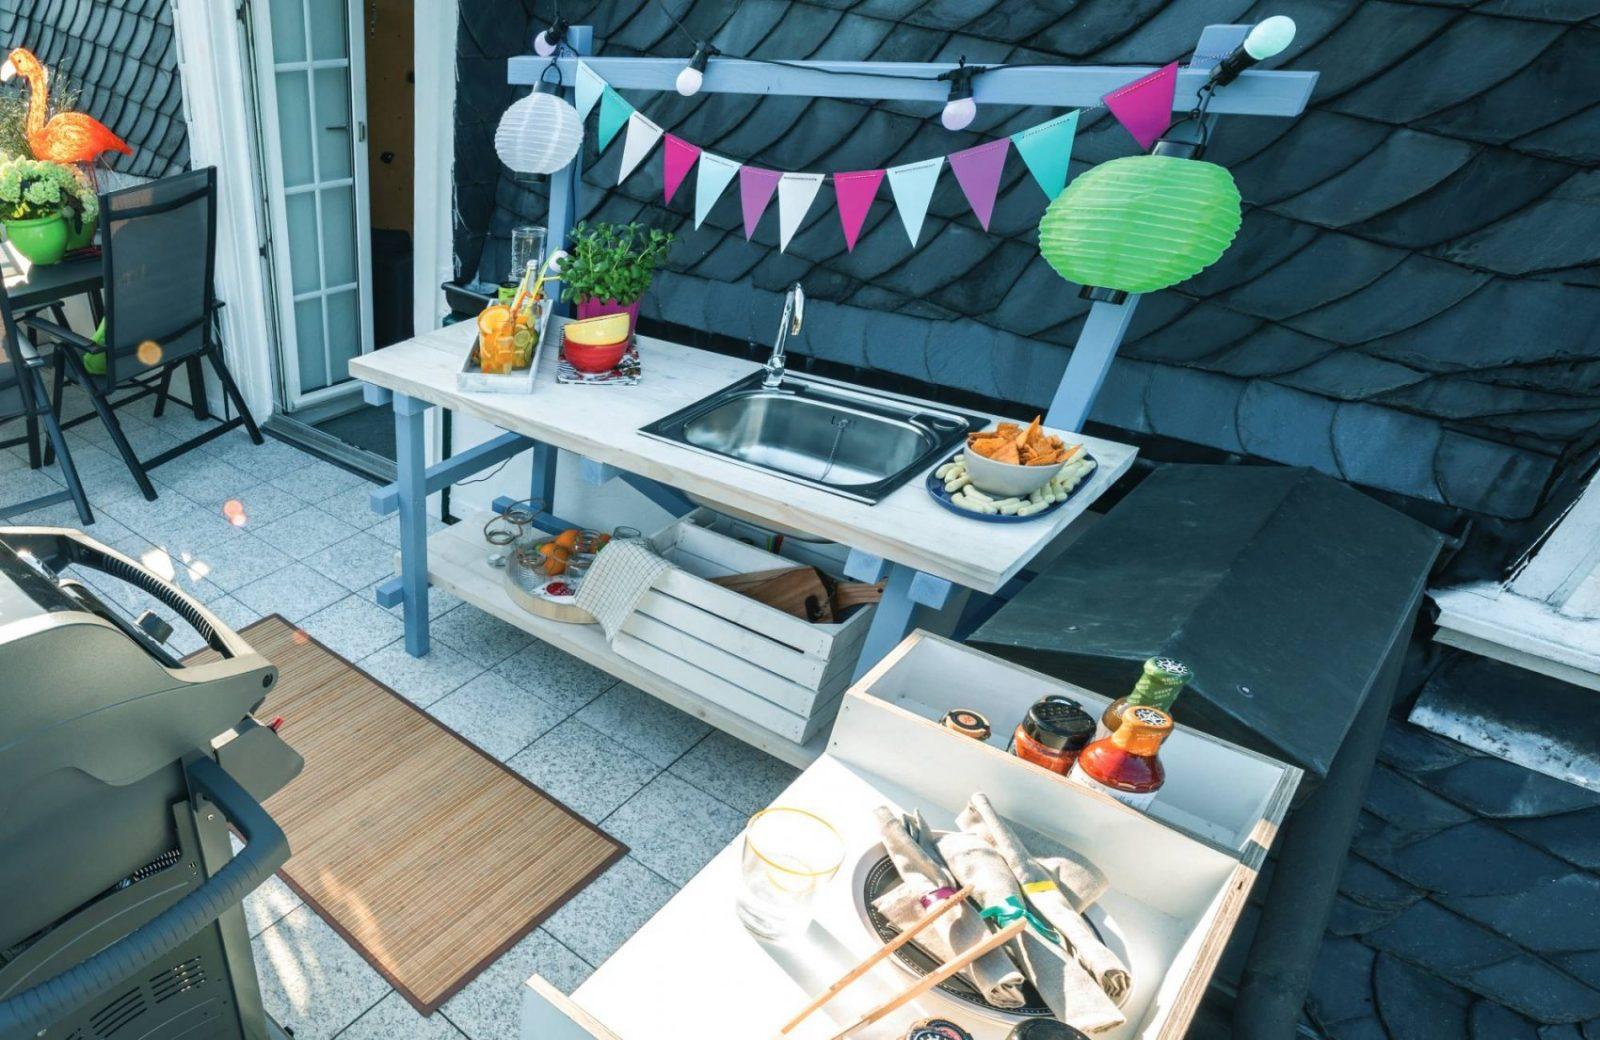 Outdoorküche Aus Holz Bauen von Gartenküche Selber Bauen Bauplan Photo